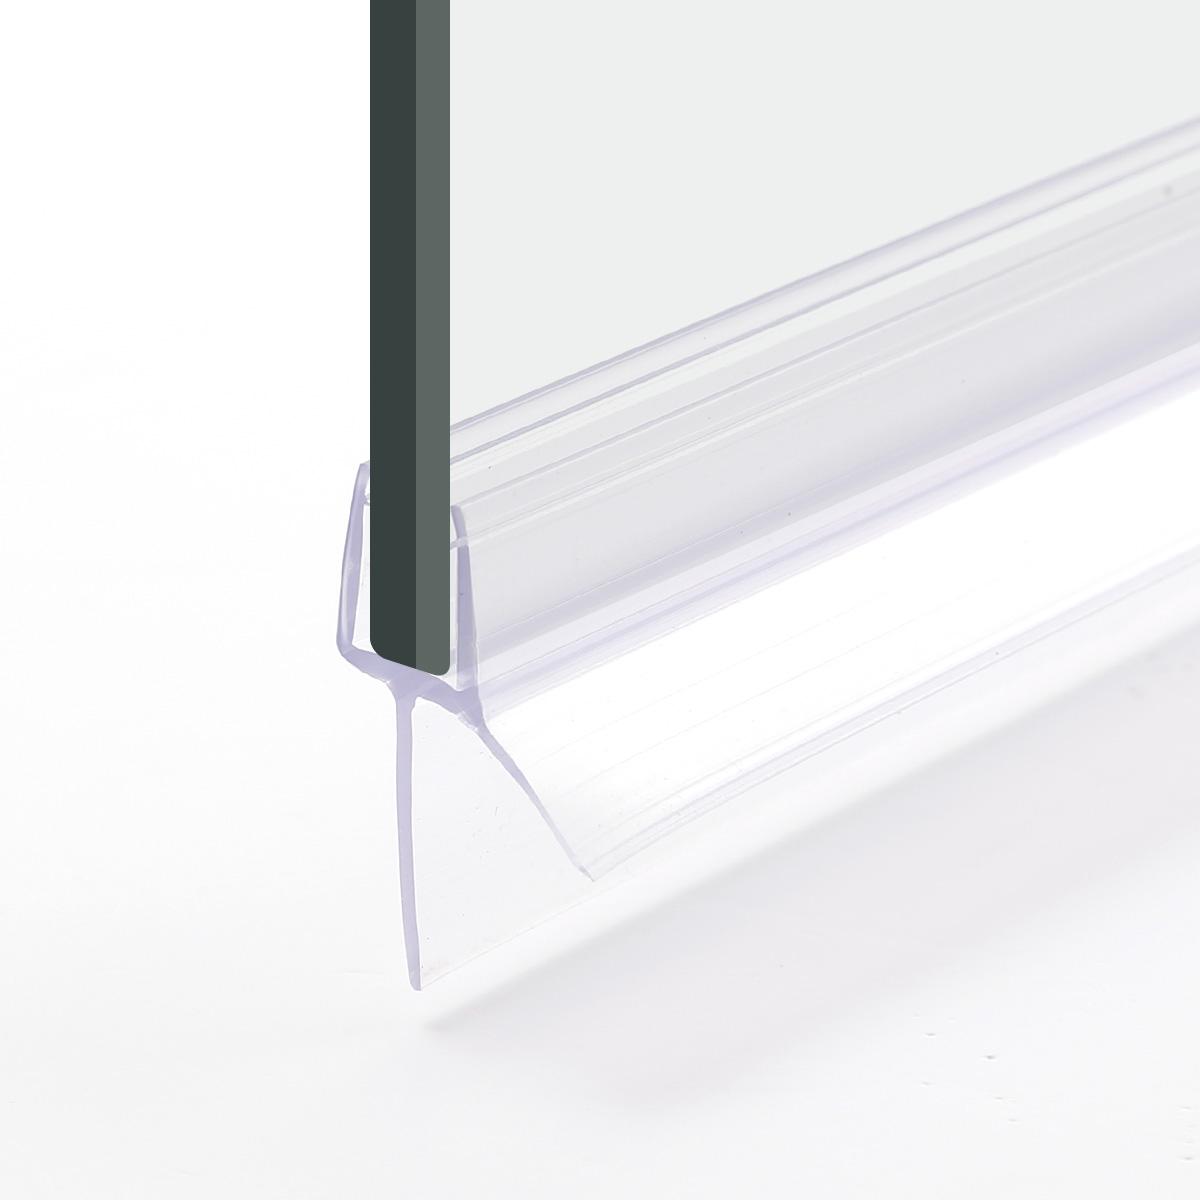 2x bath shower screen door seal strips 68mm glass door 13mm gap flat curved